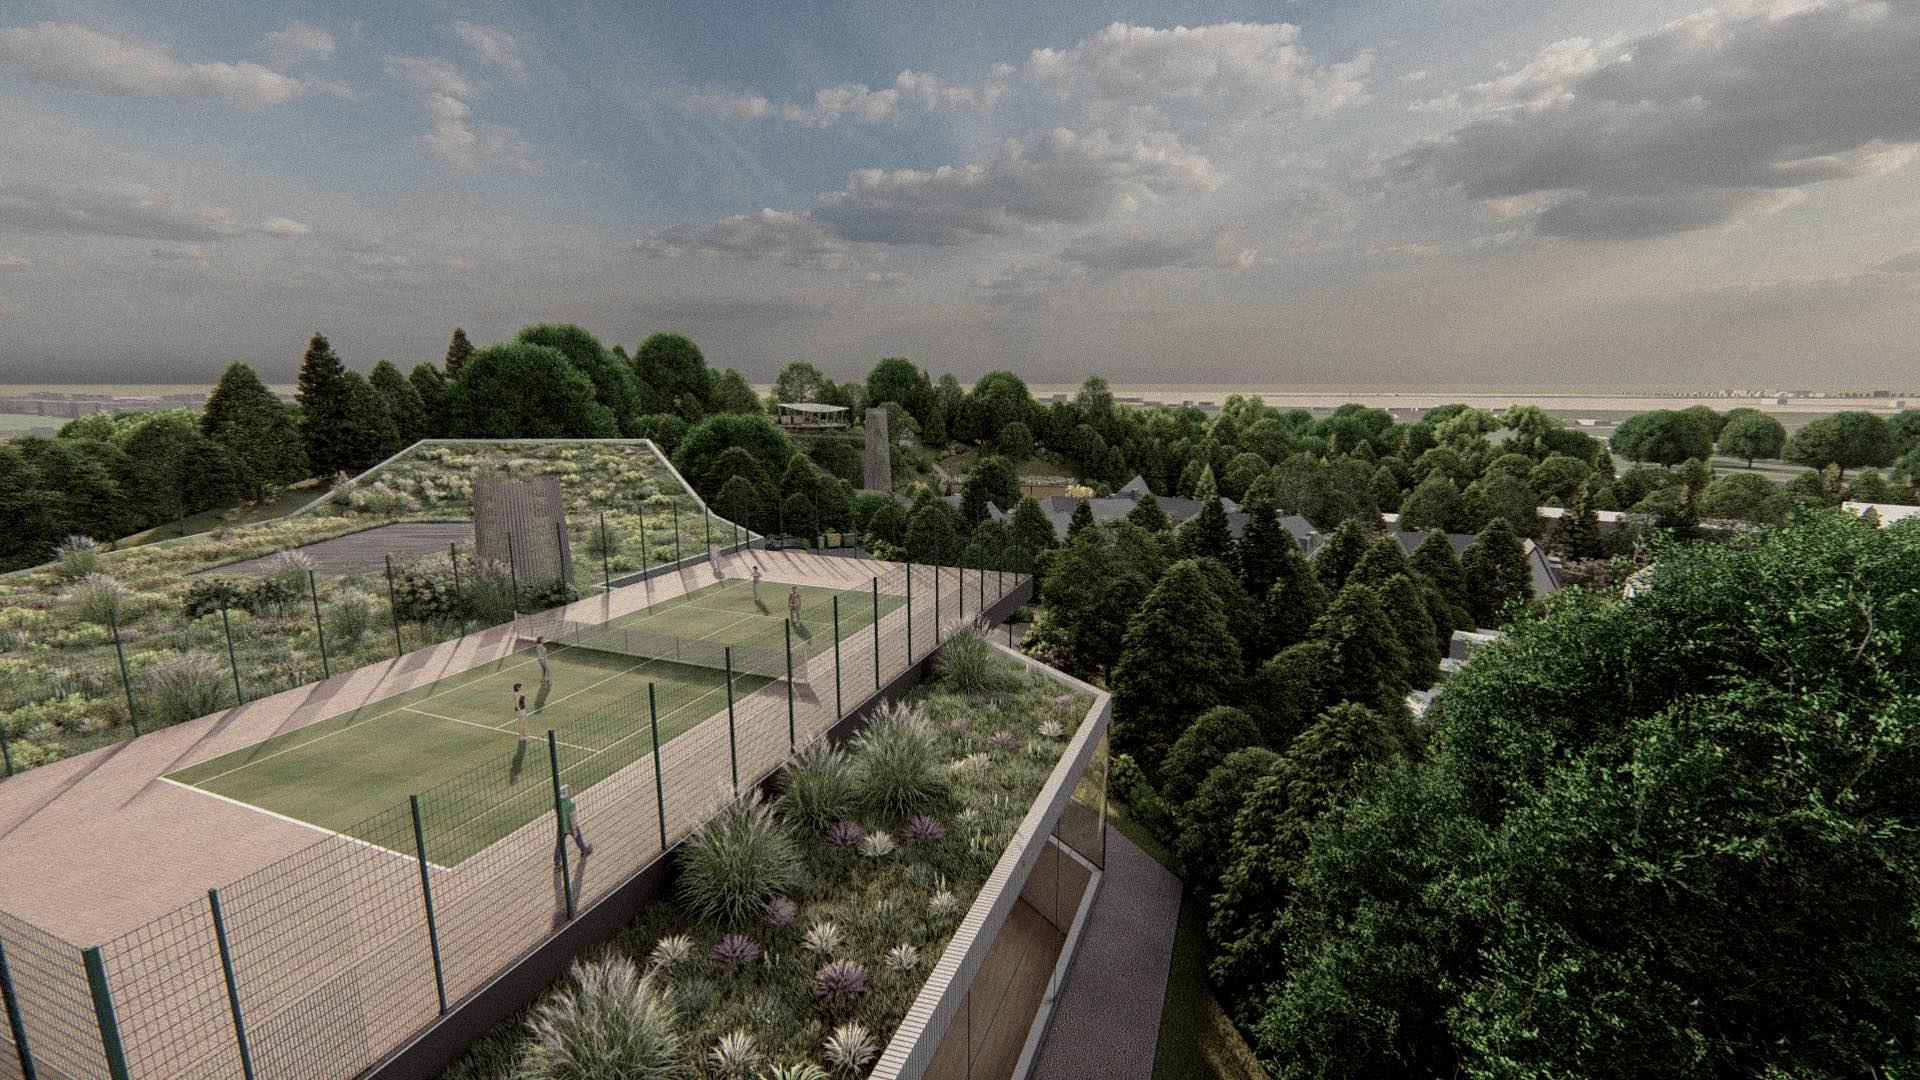 Rezidence Jenerálka KKCG - vizualizace sportovního komplexu - tenisový kurt na střeše. Autor: Kurz architekti